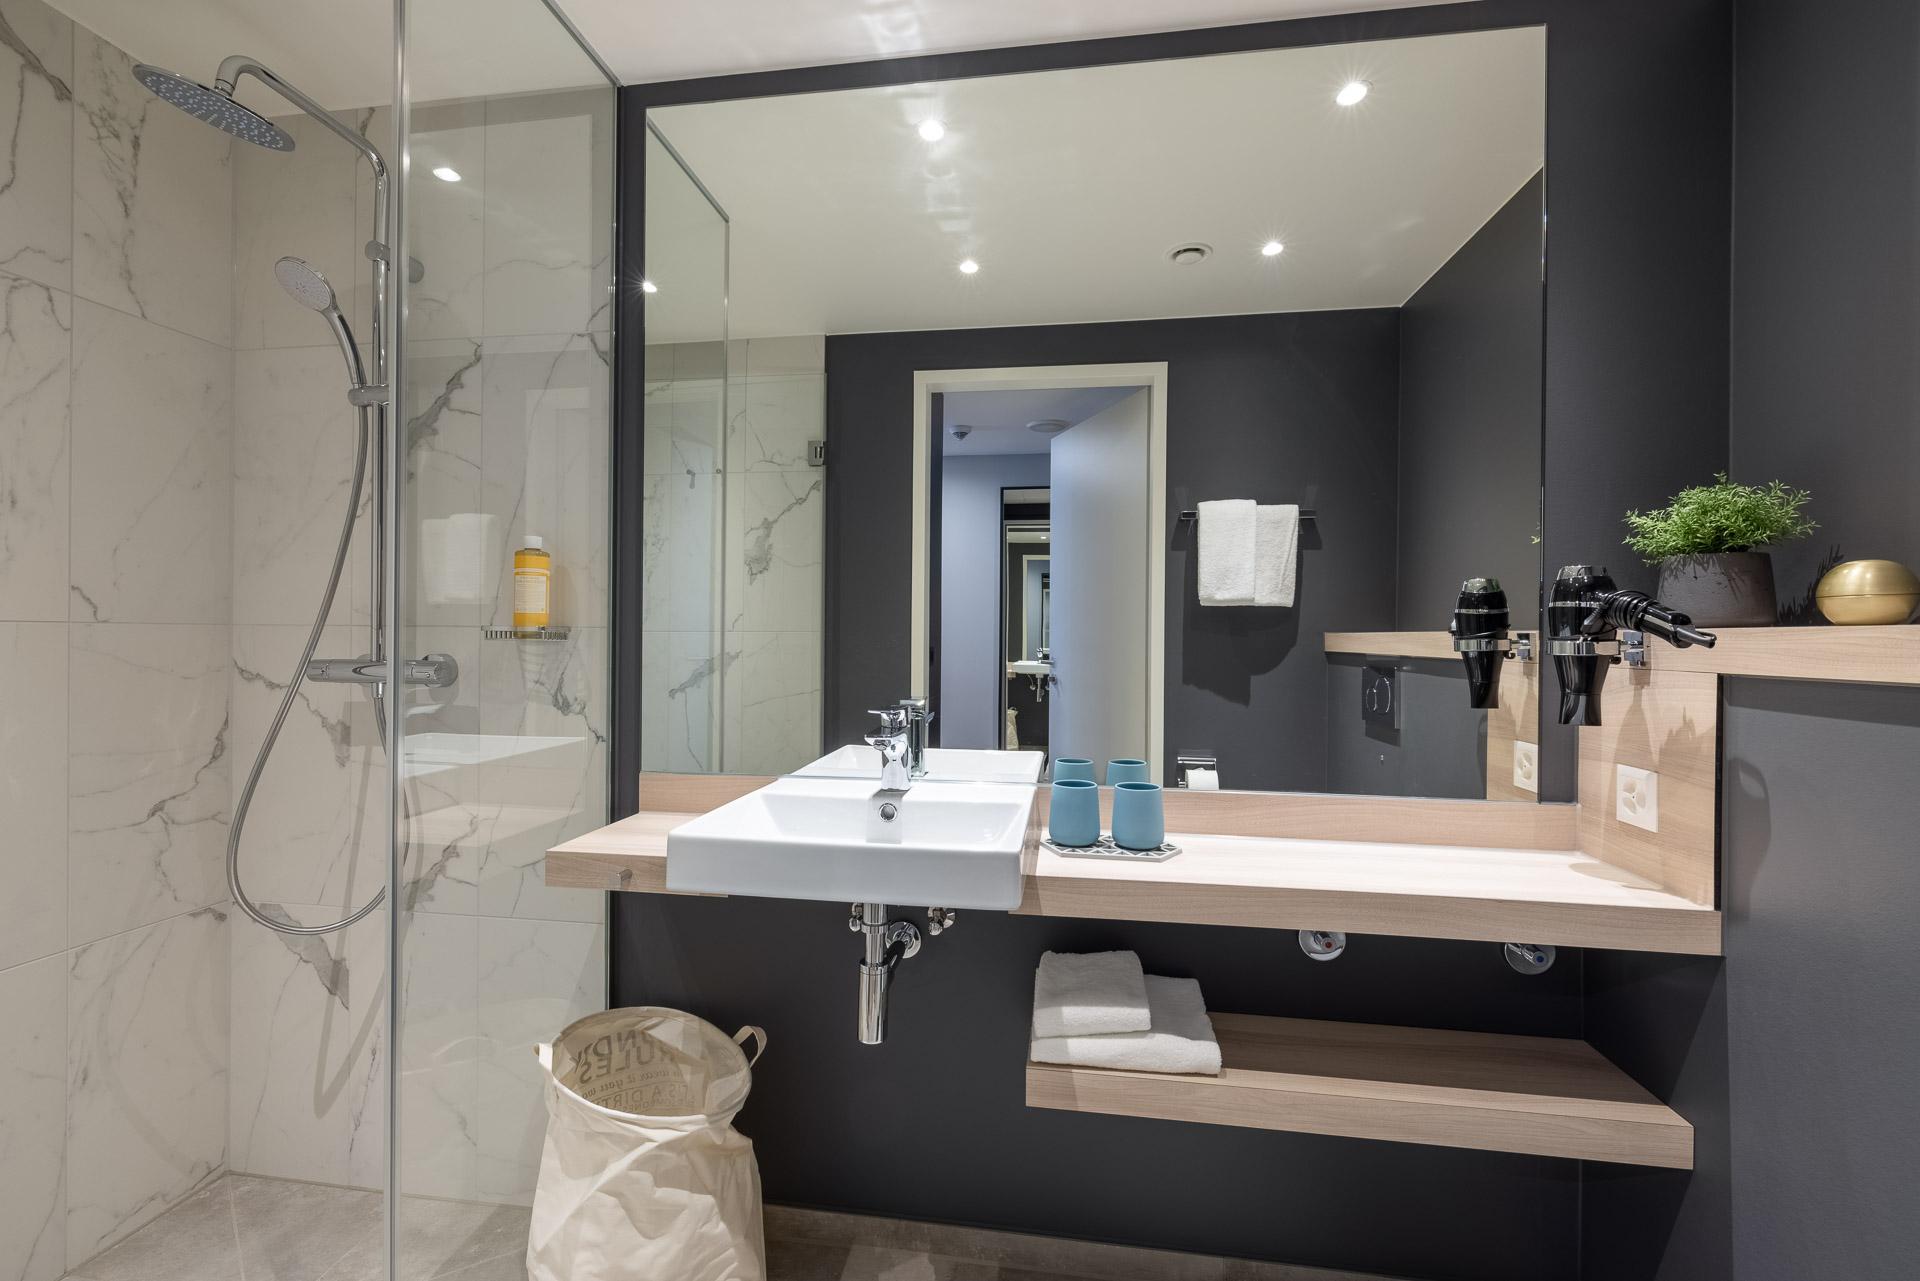 Badezimmer mit großem Spiegel, Ablagefläche und bodentiefer Dusche